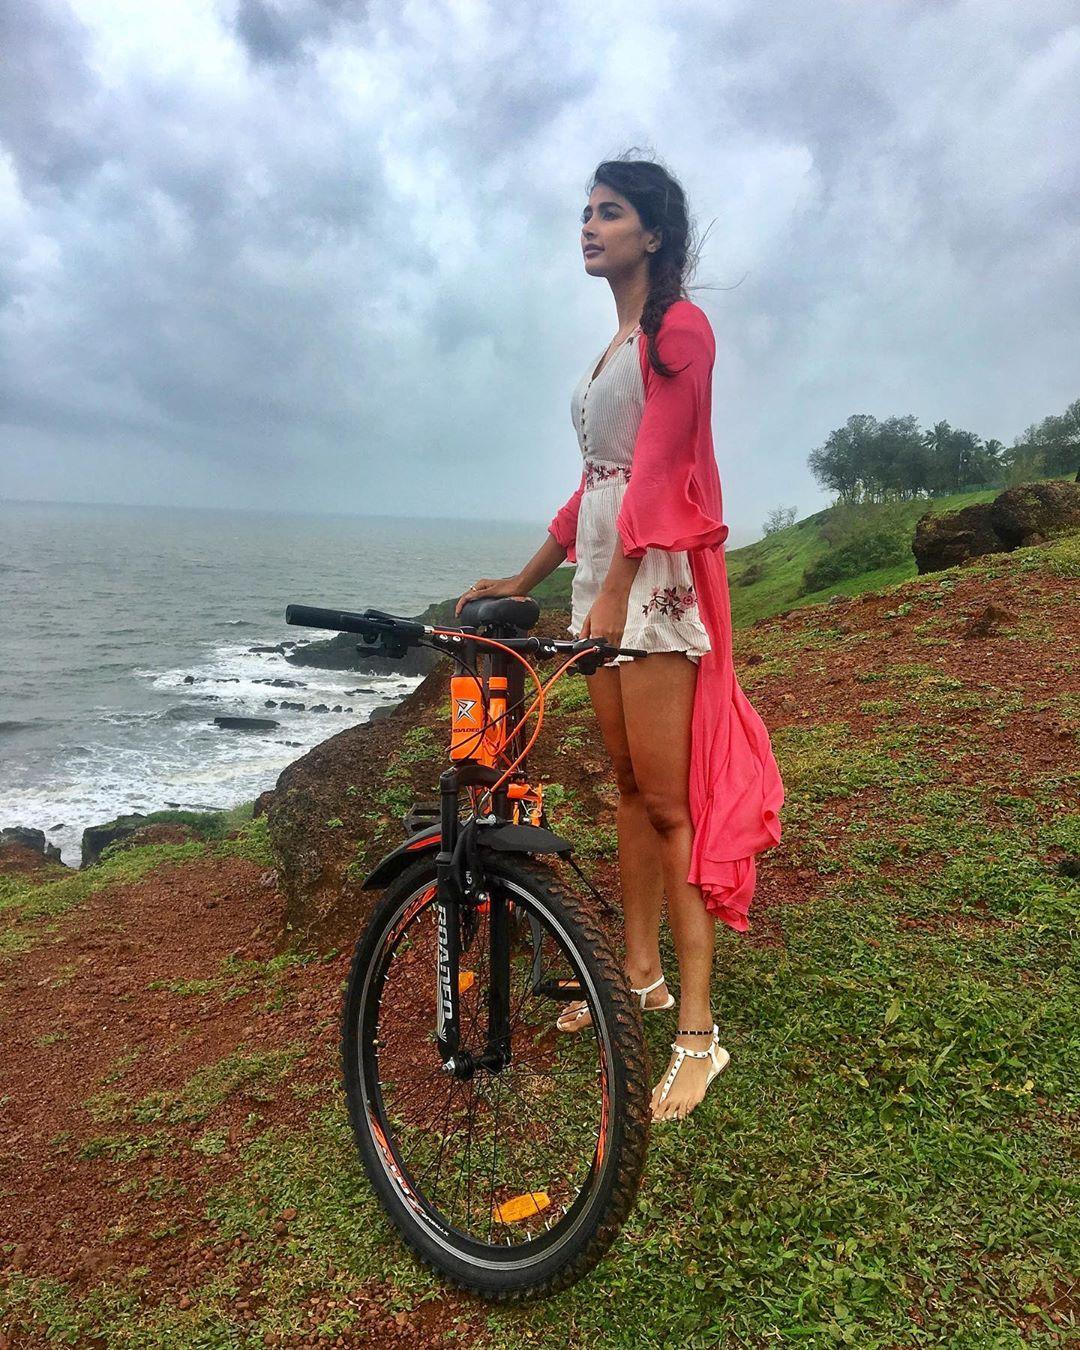 పూజా హెగ్డే (Photo: hegdepooja/Instagram)